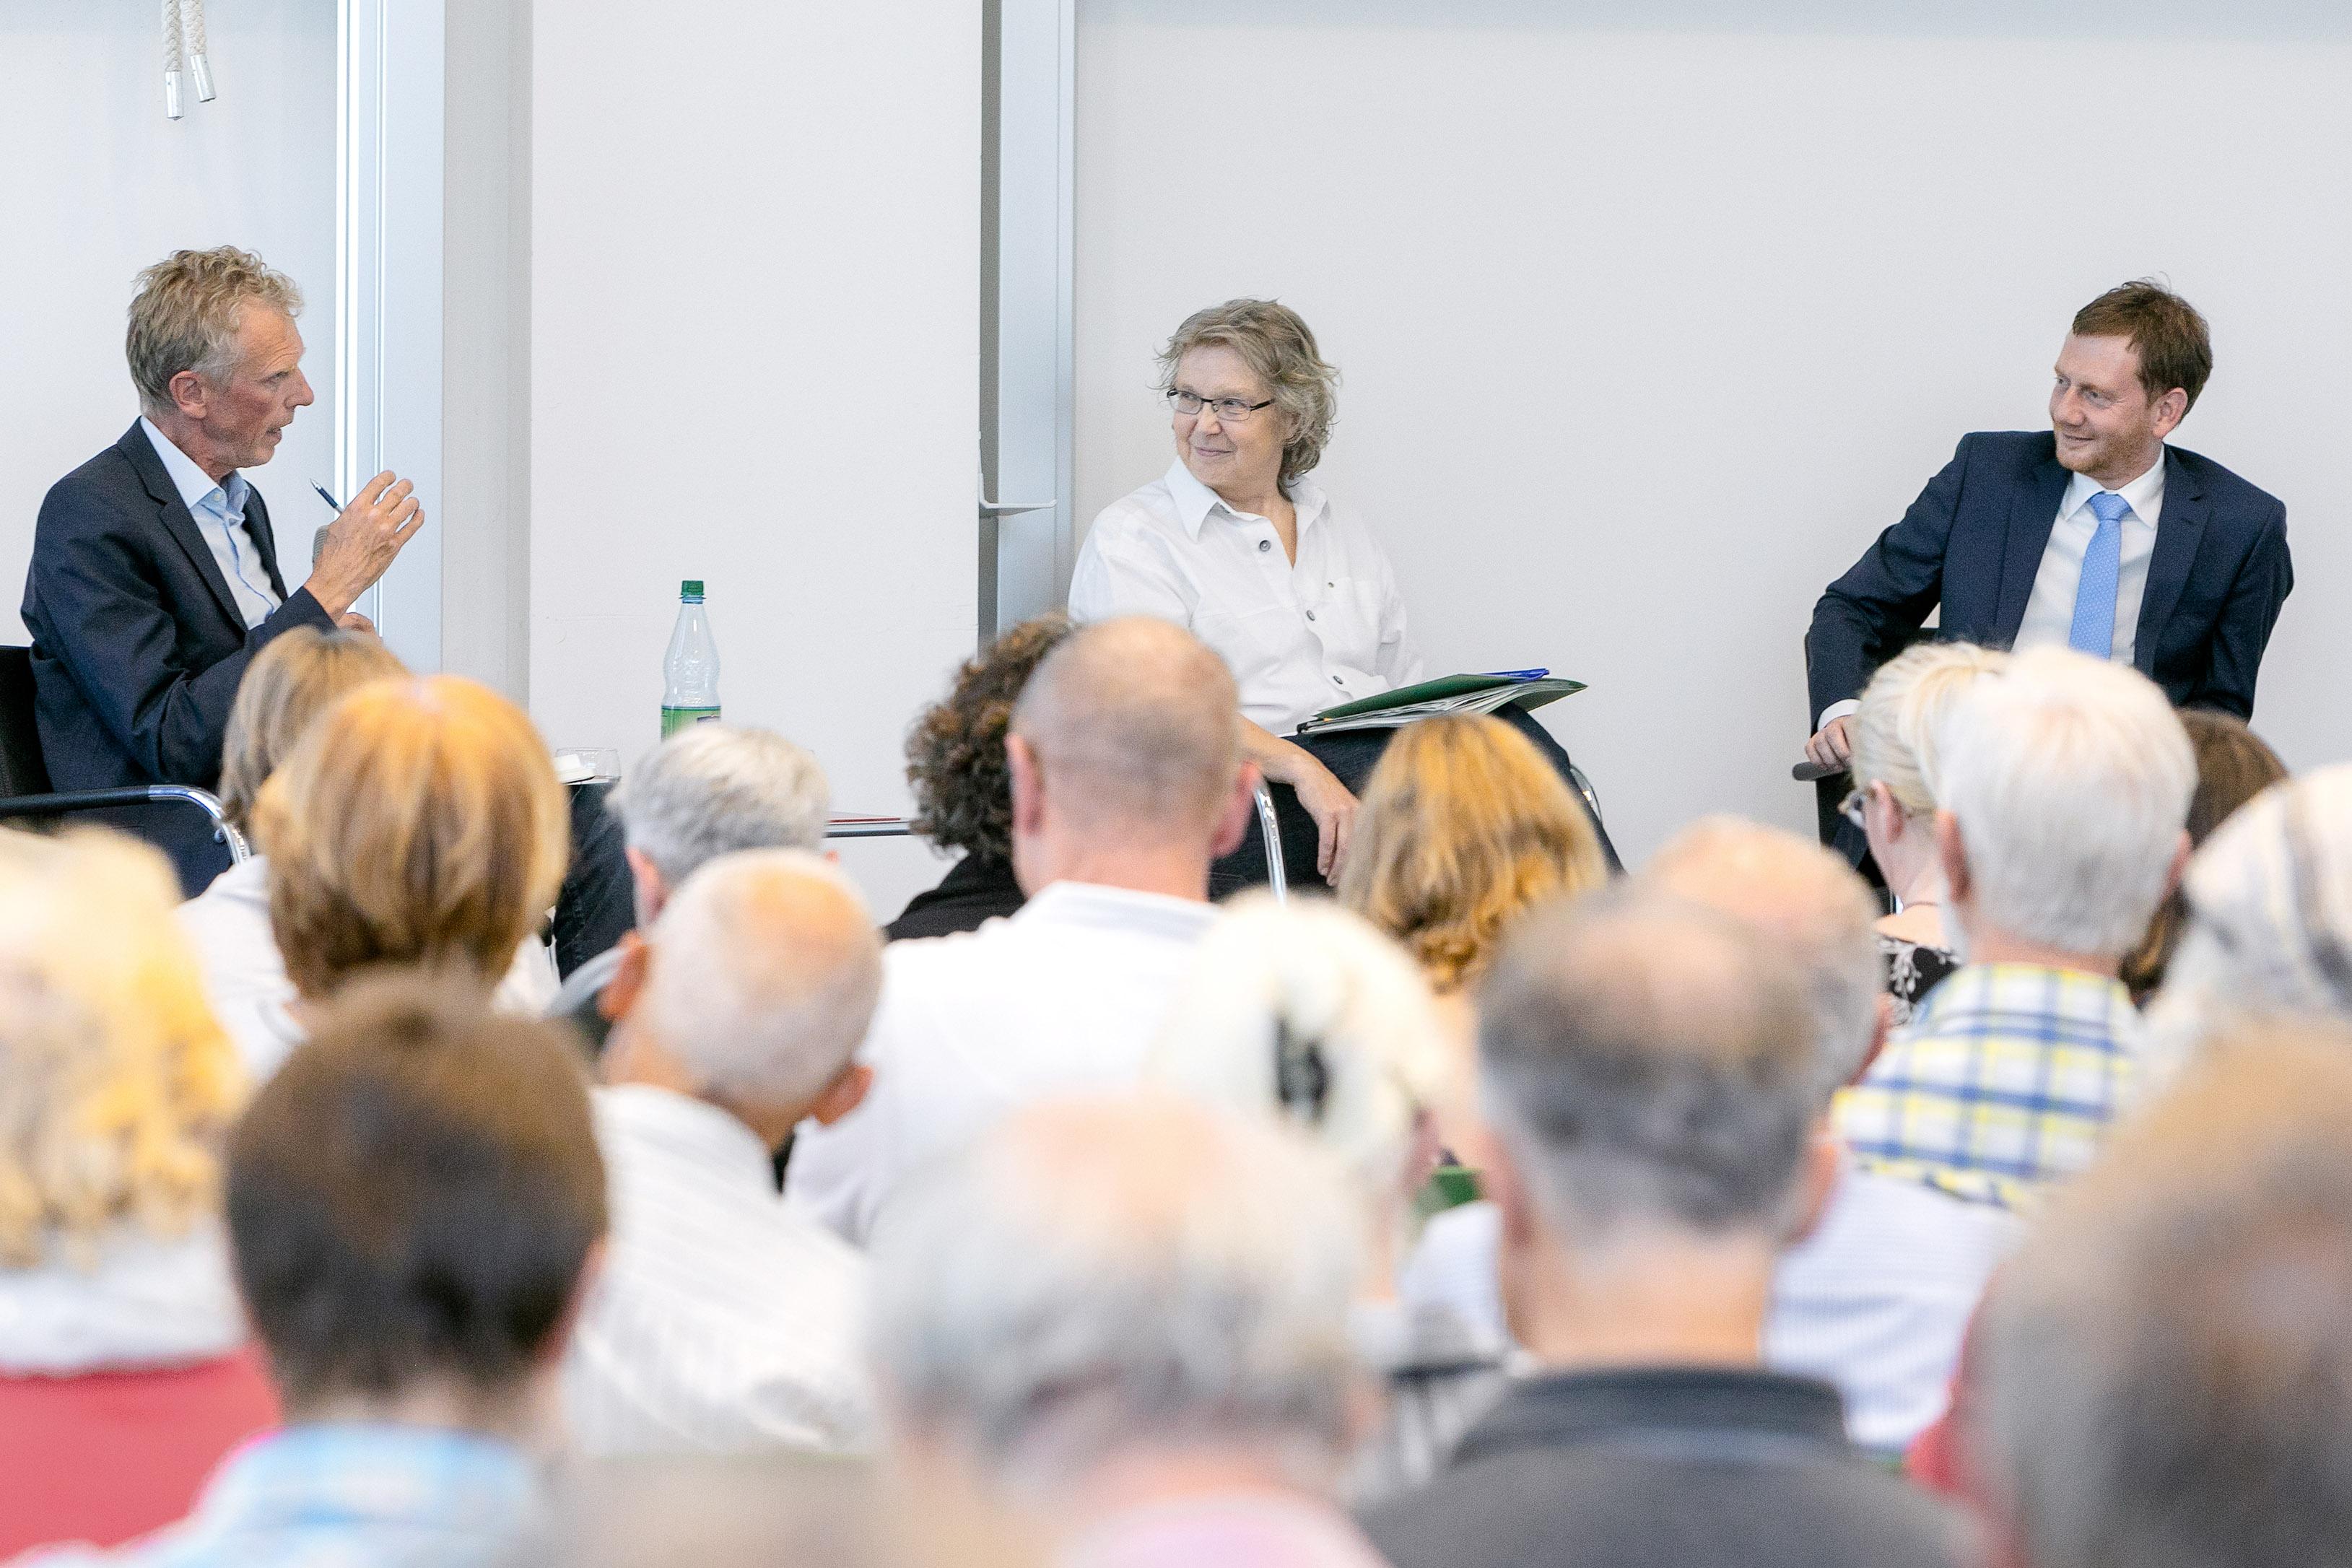 Die Podiumsdiskussion mit Ministerpräsident Kretzschmer.